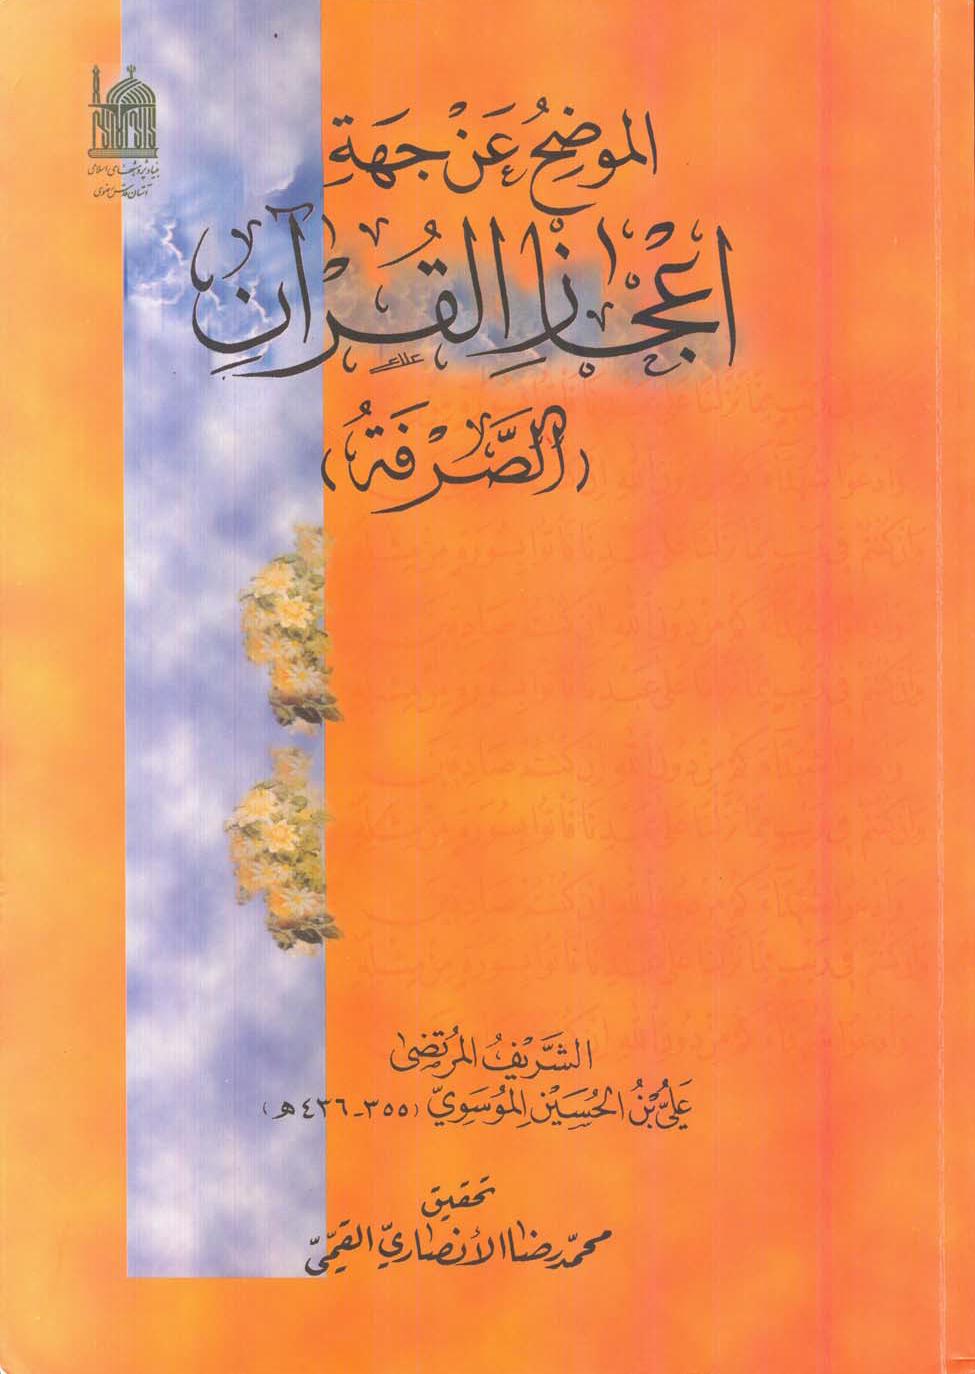 تحميل كتاب الموضح عن جهة إعجاز القرآن (الصرفة) لـِ: الشيخ الشريف المرتضى علي بن الحسين الموسوي (ت 436)